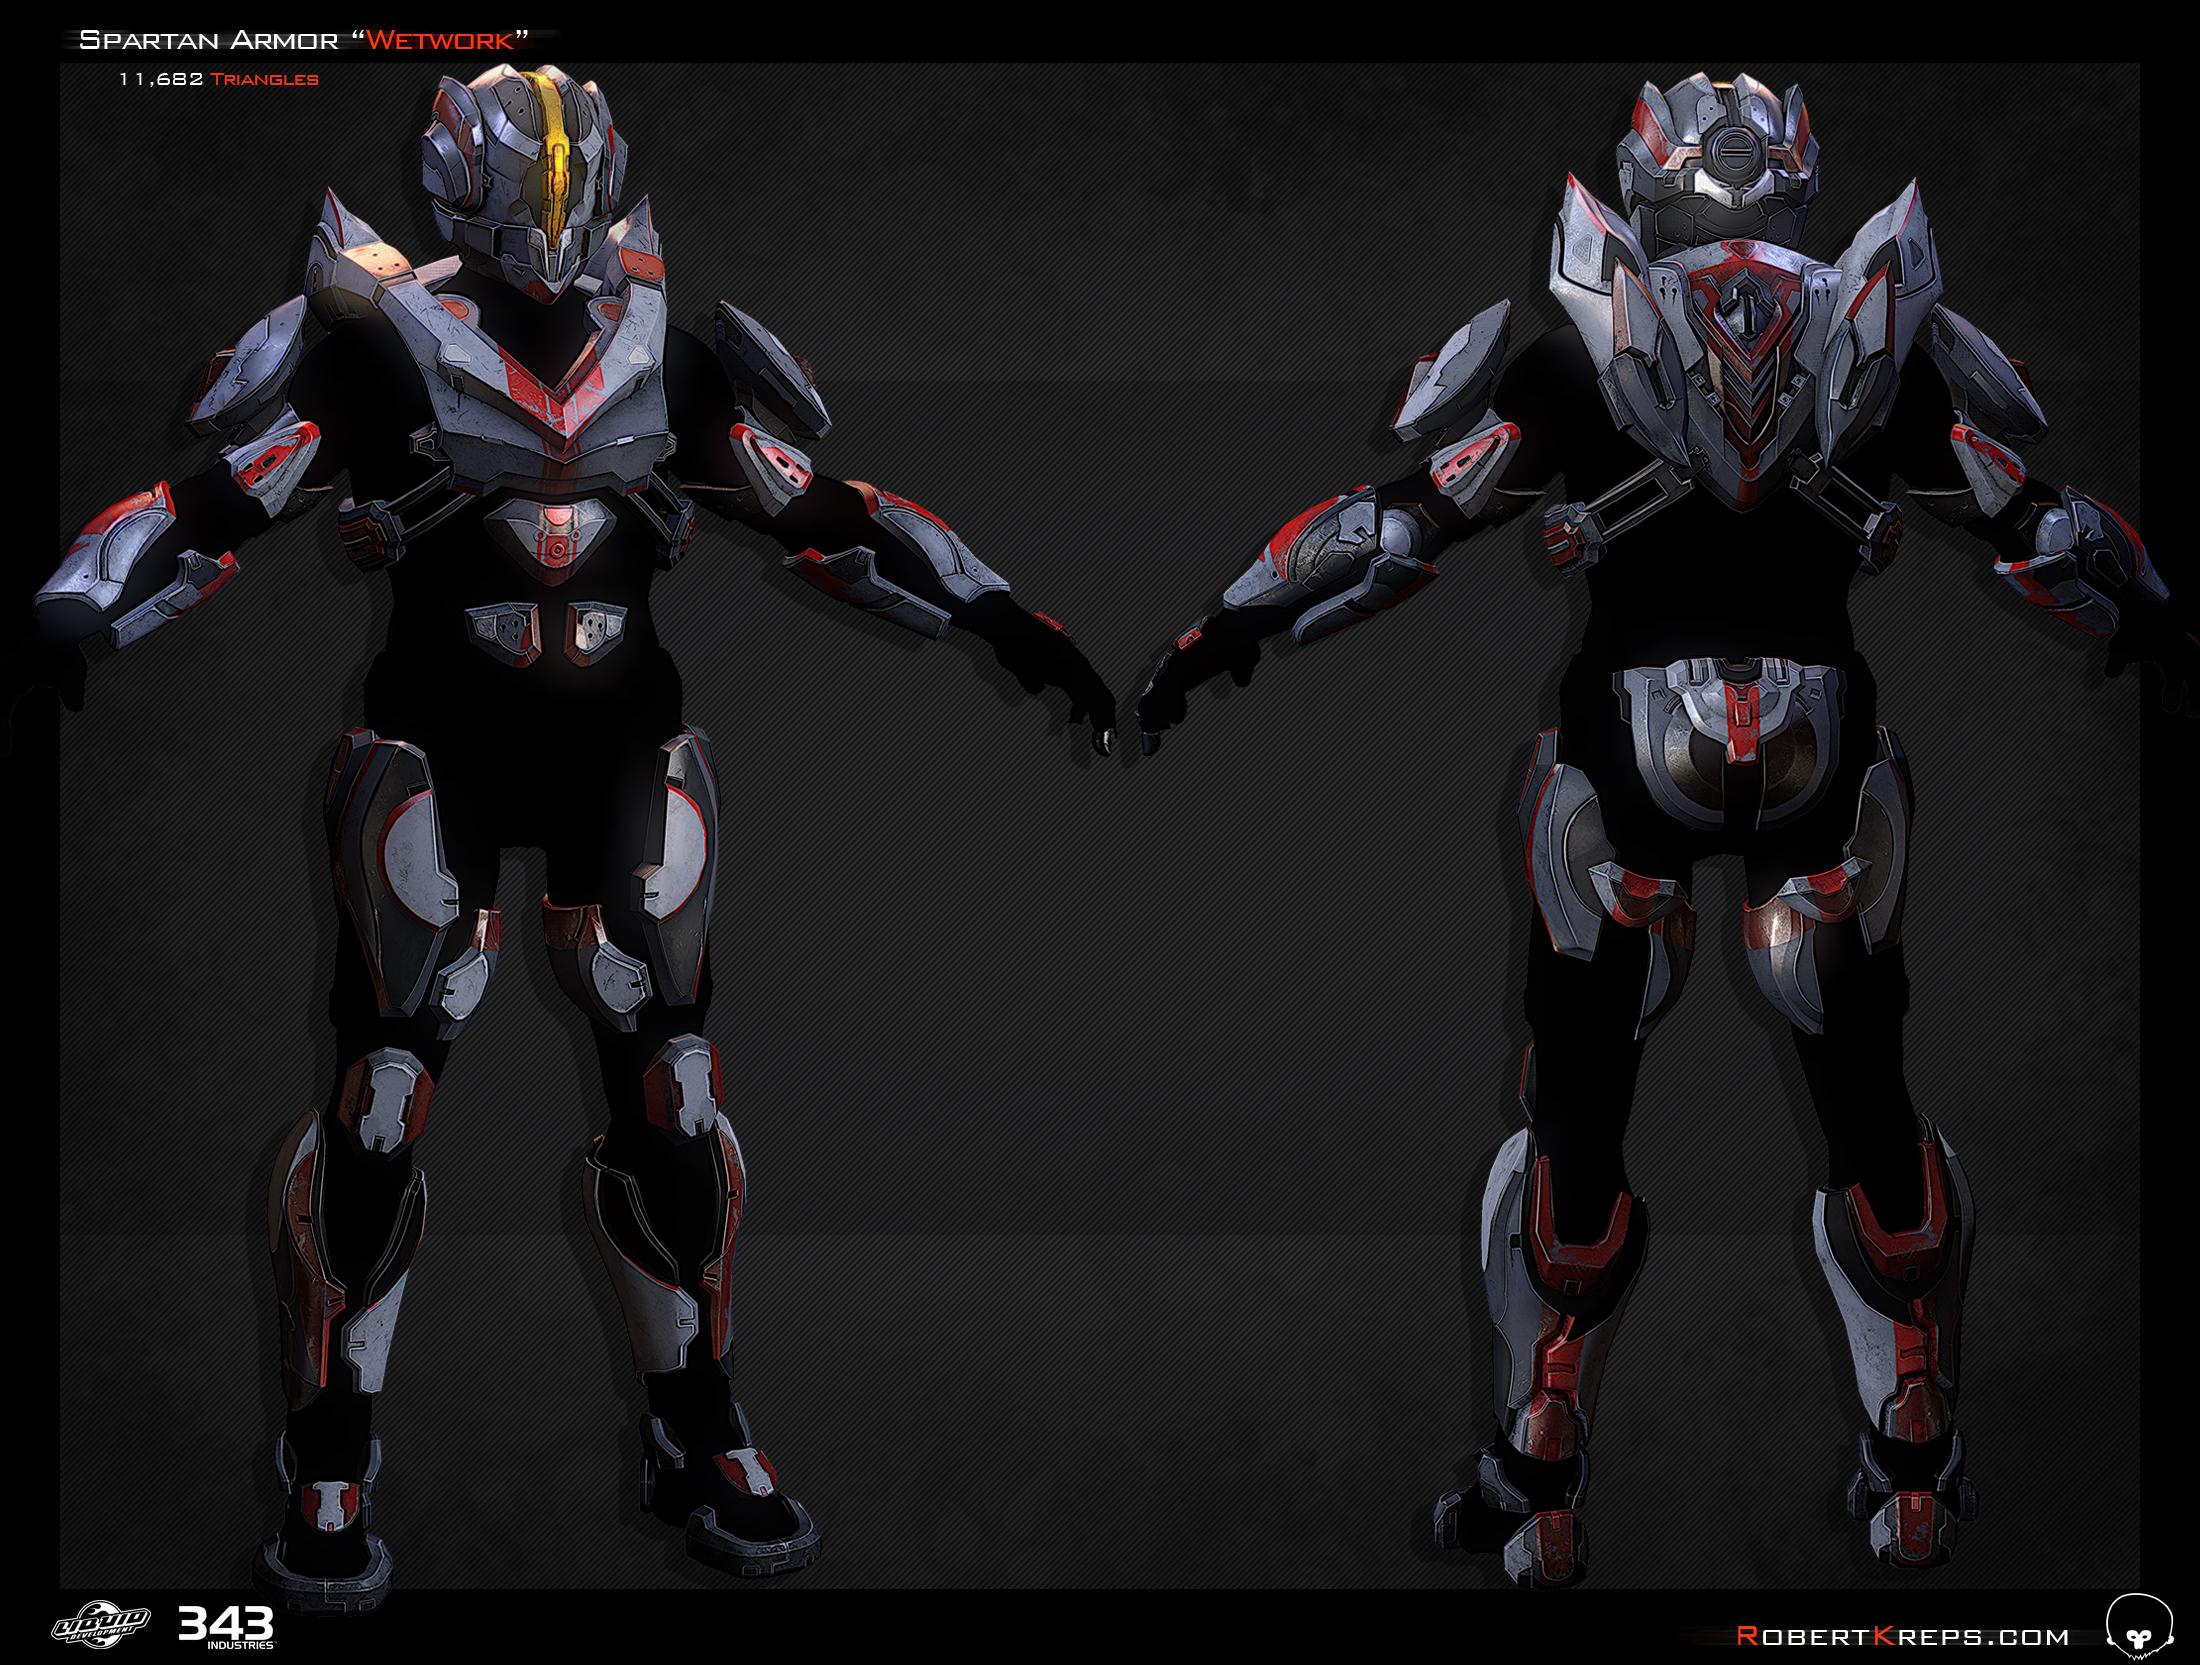 Robert Kreps - Gallery - Halo 4 - Wetwork Armor